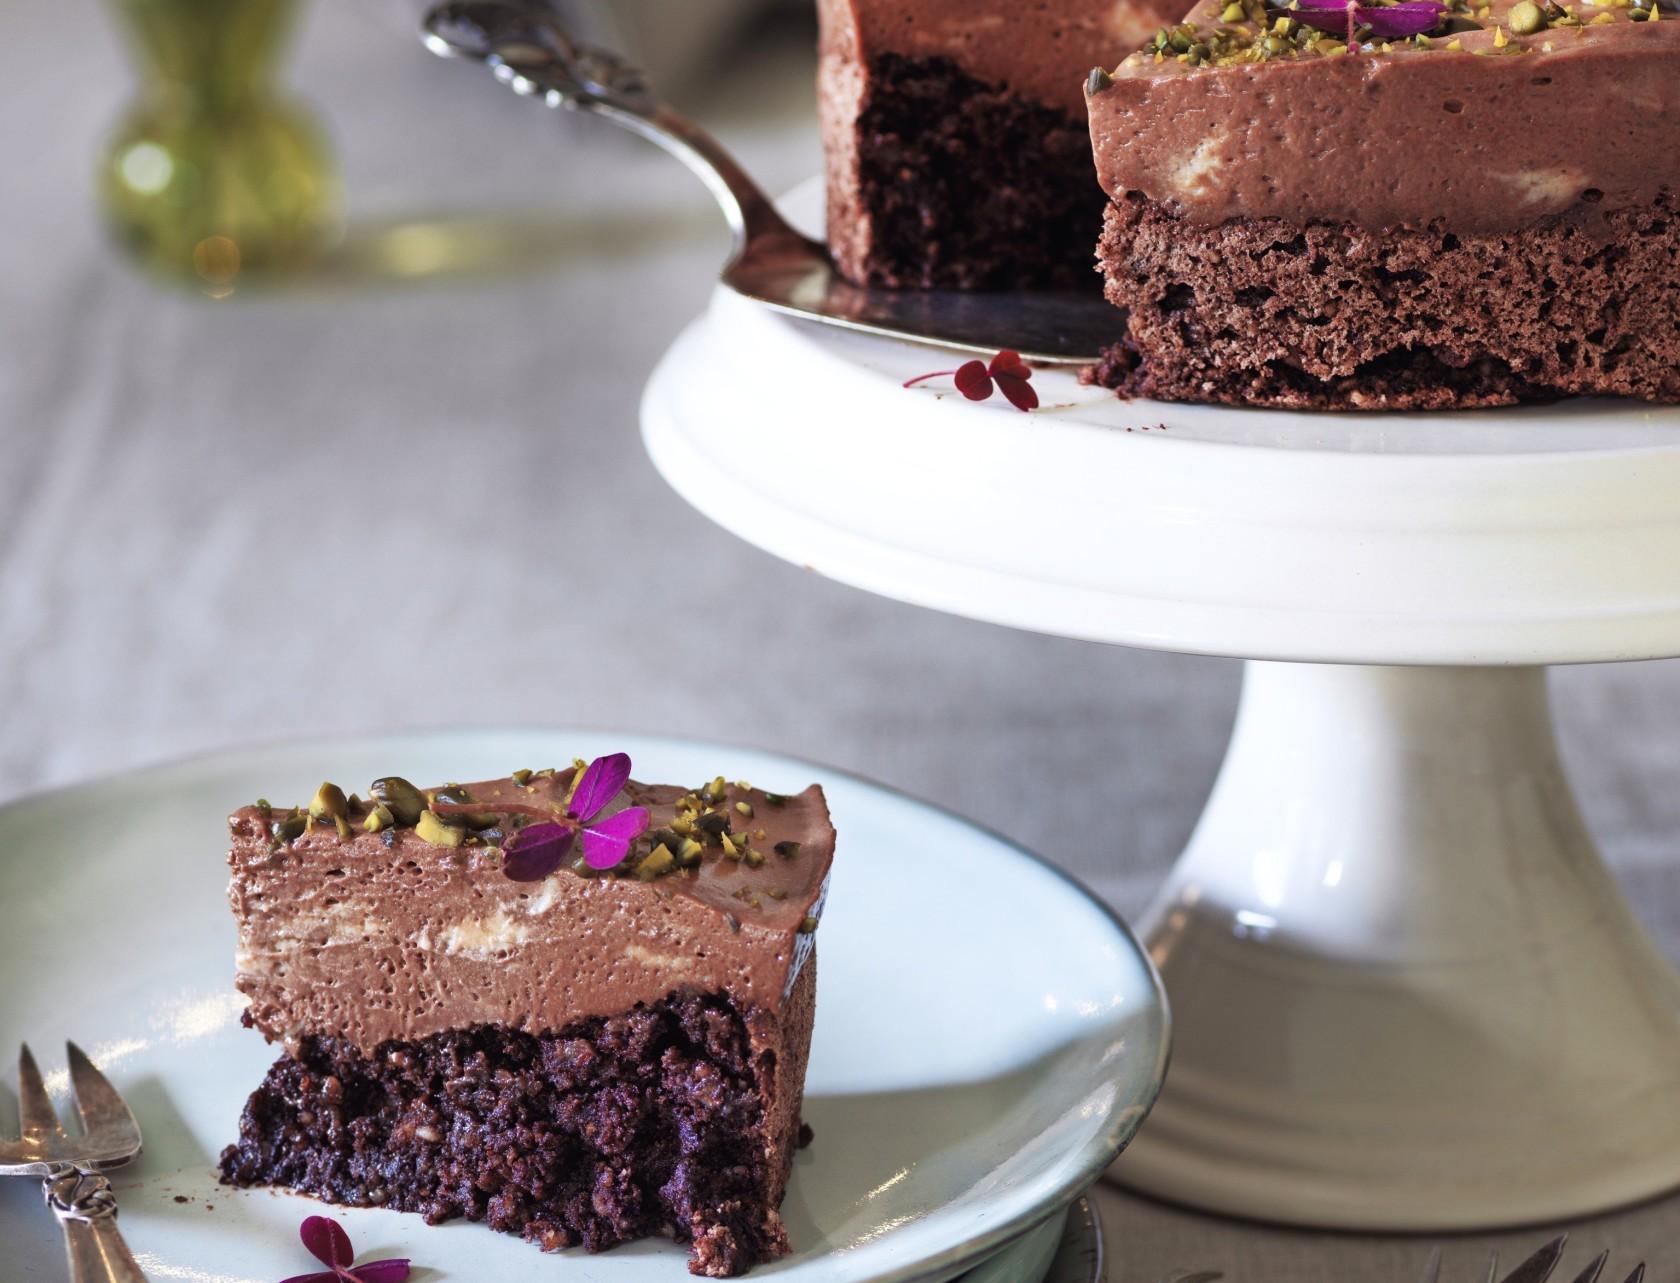 Chokolademoussekage med mandelbund - den lækreste dessertkage nogensinde!